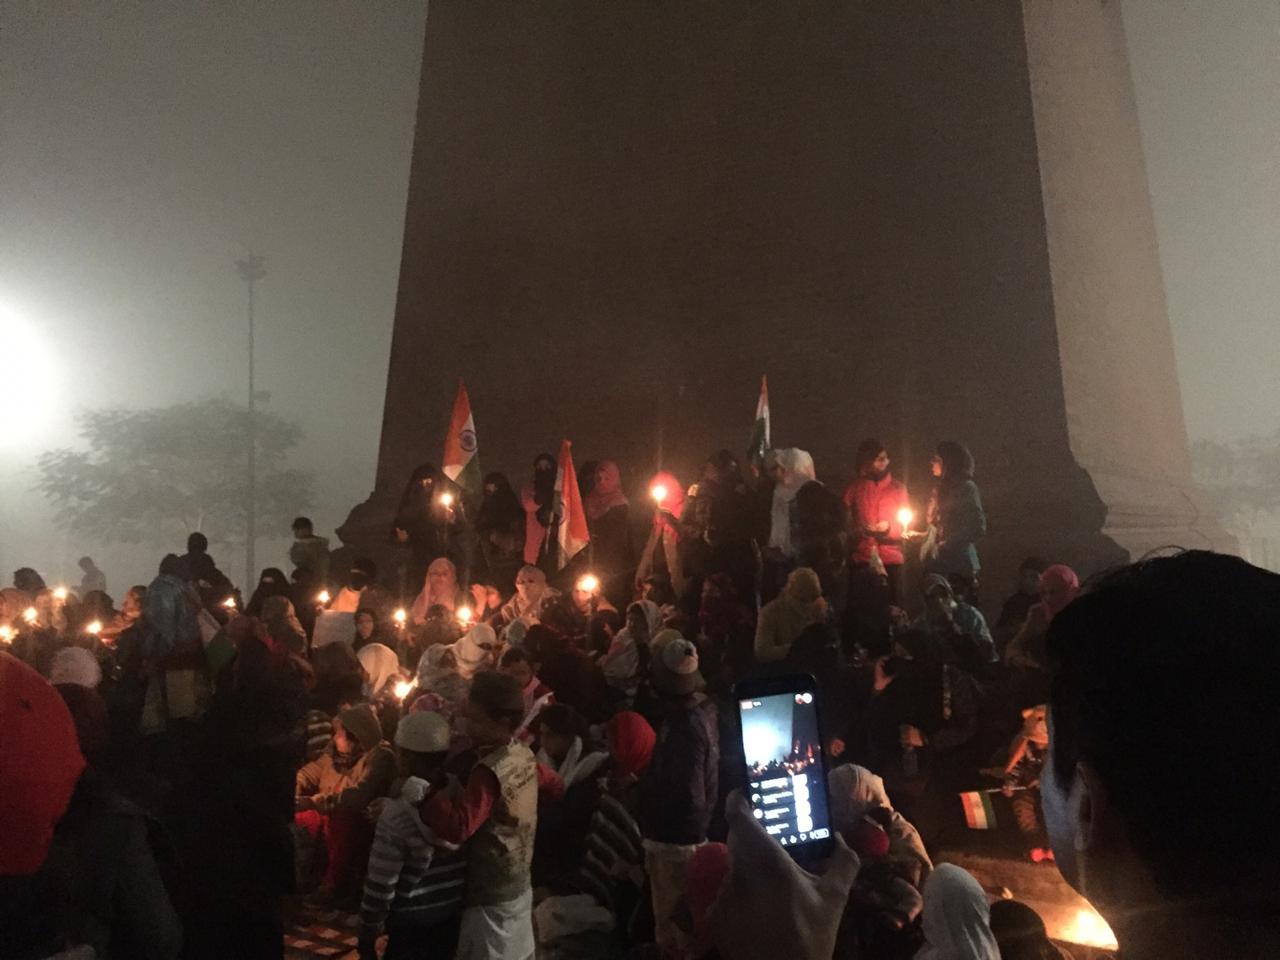 لکھنئو : گھنٹہ گھر پر سی اے اے- این آر سی کی مخالفت میںعورتوں نے شروع کیا مظاہرہ